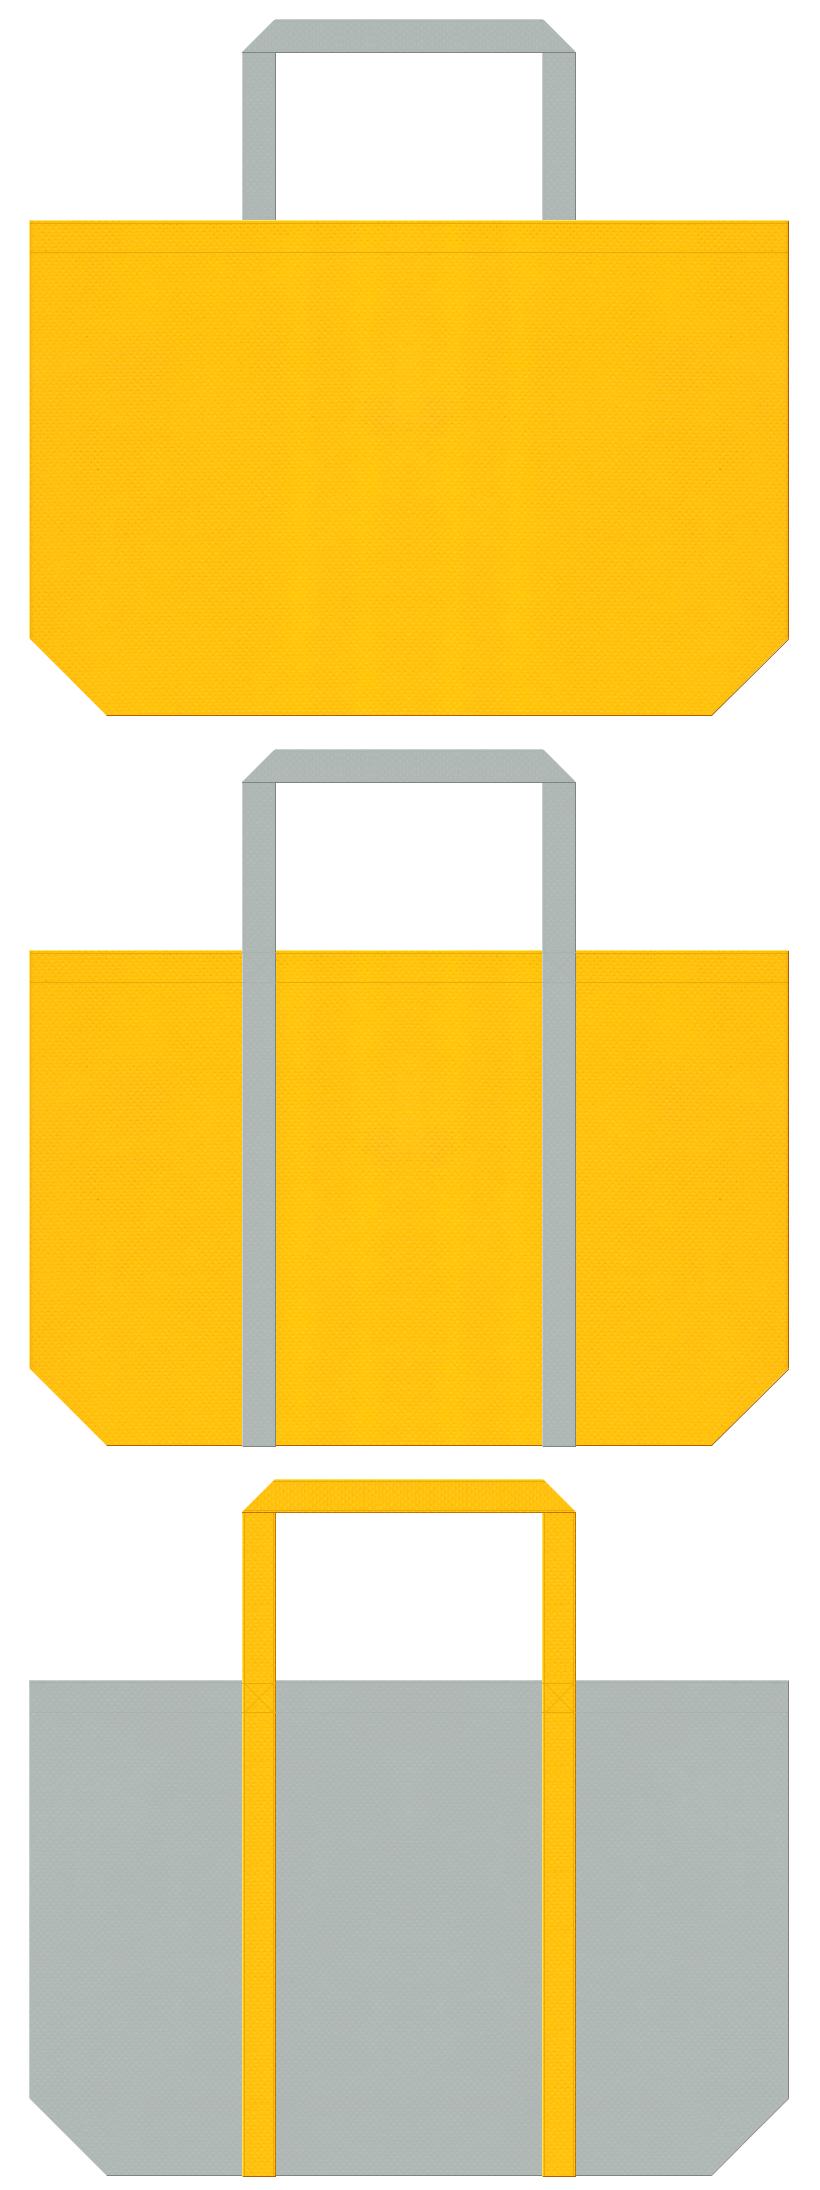 黄色とグレー色の不織布ショッピングバッグデザイン。電柱イメージの配色です。